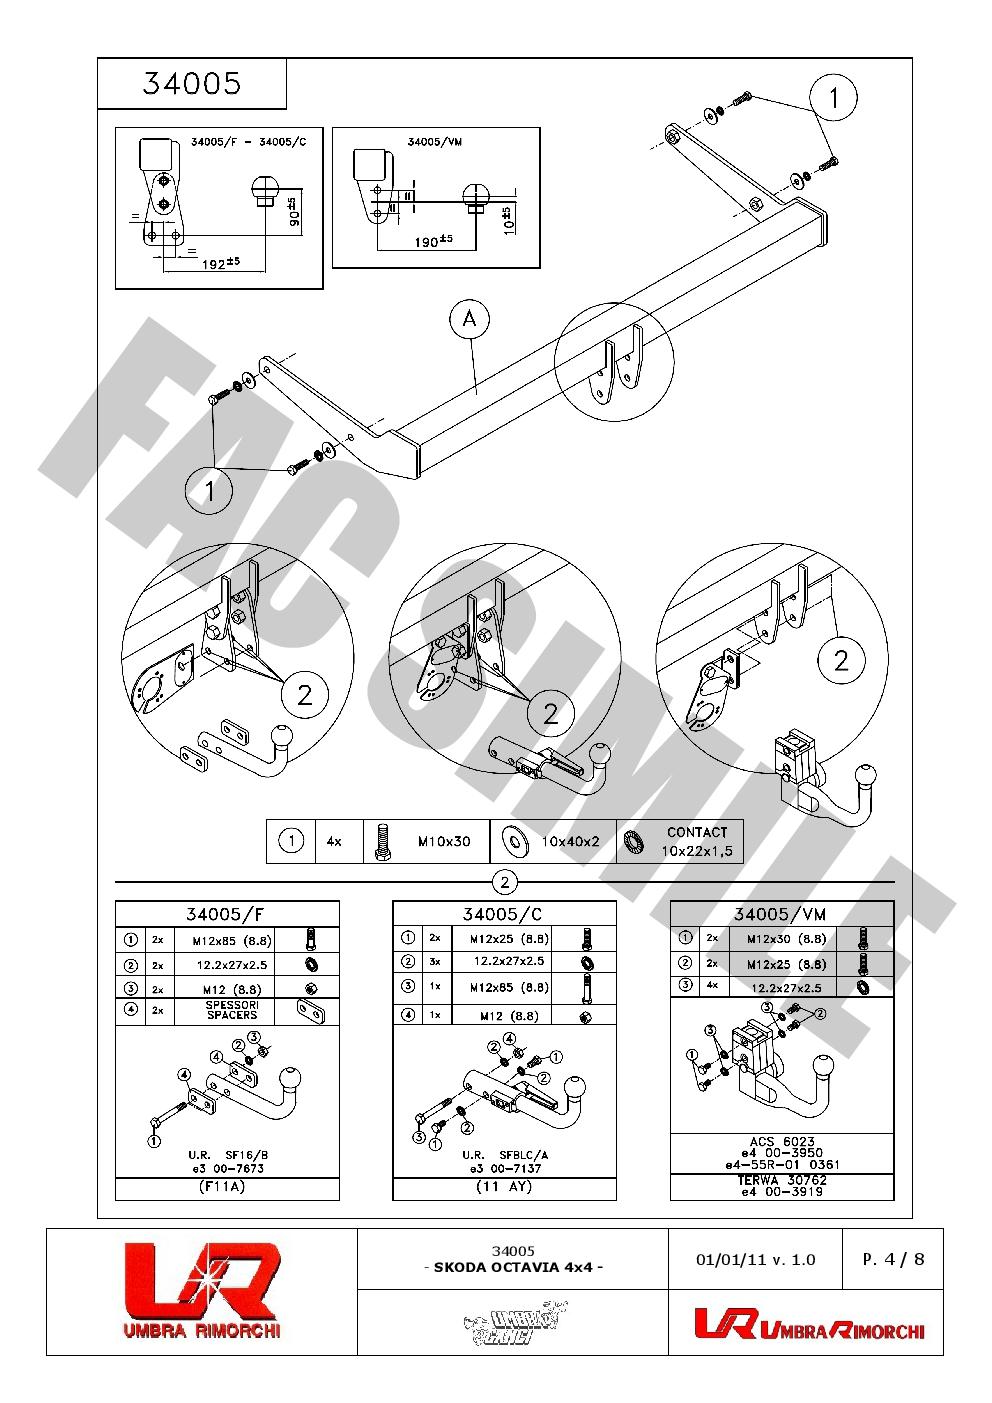 DIAGRAM] Skoda Octavia Towbar Wiring Diagram FULL Version HD Quality Wiring  Diagram - ARDIAGRAM.ROCKNROAD.ITDiagram Database - rocknroad.it